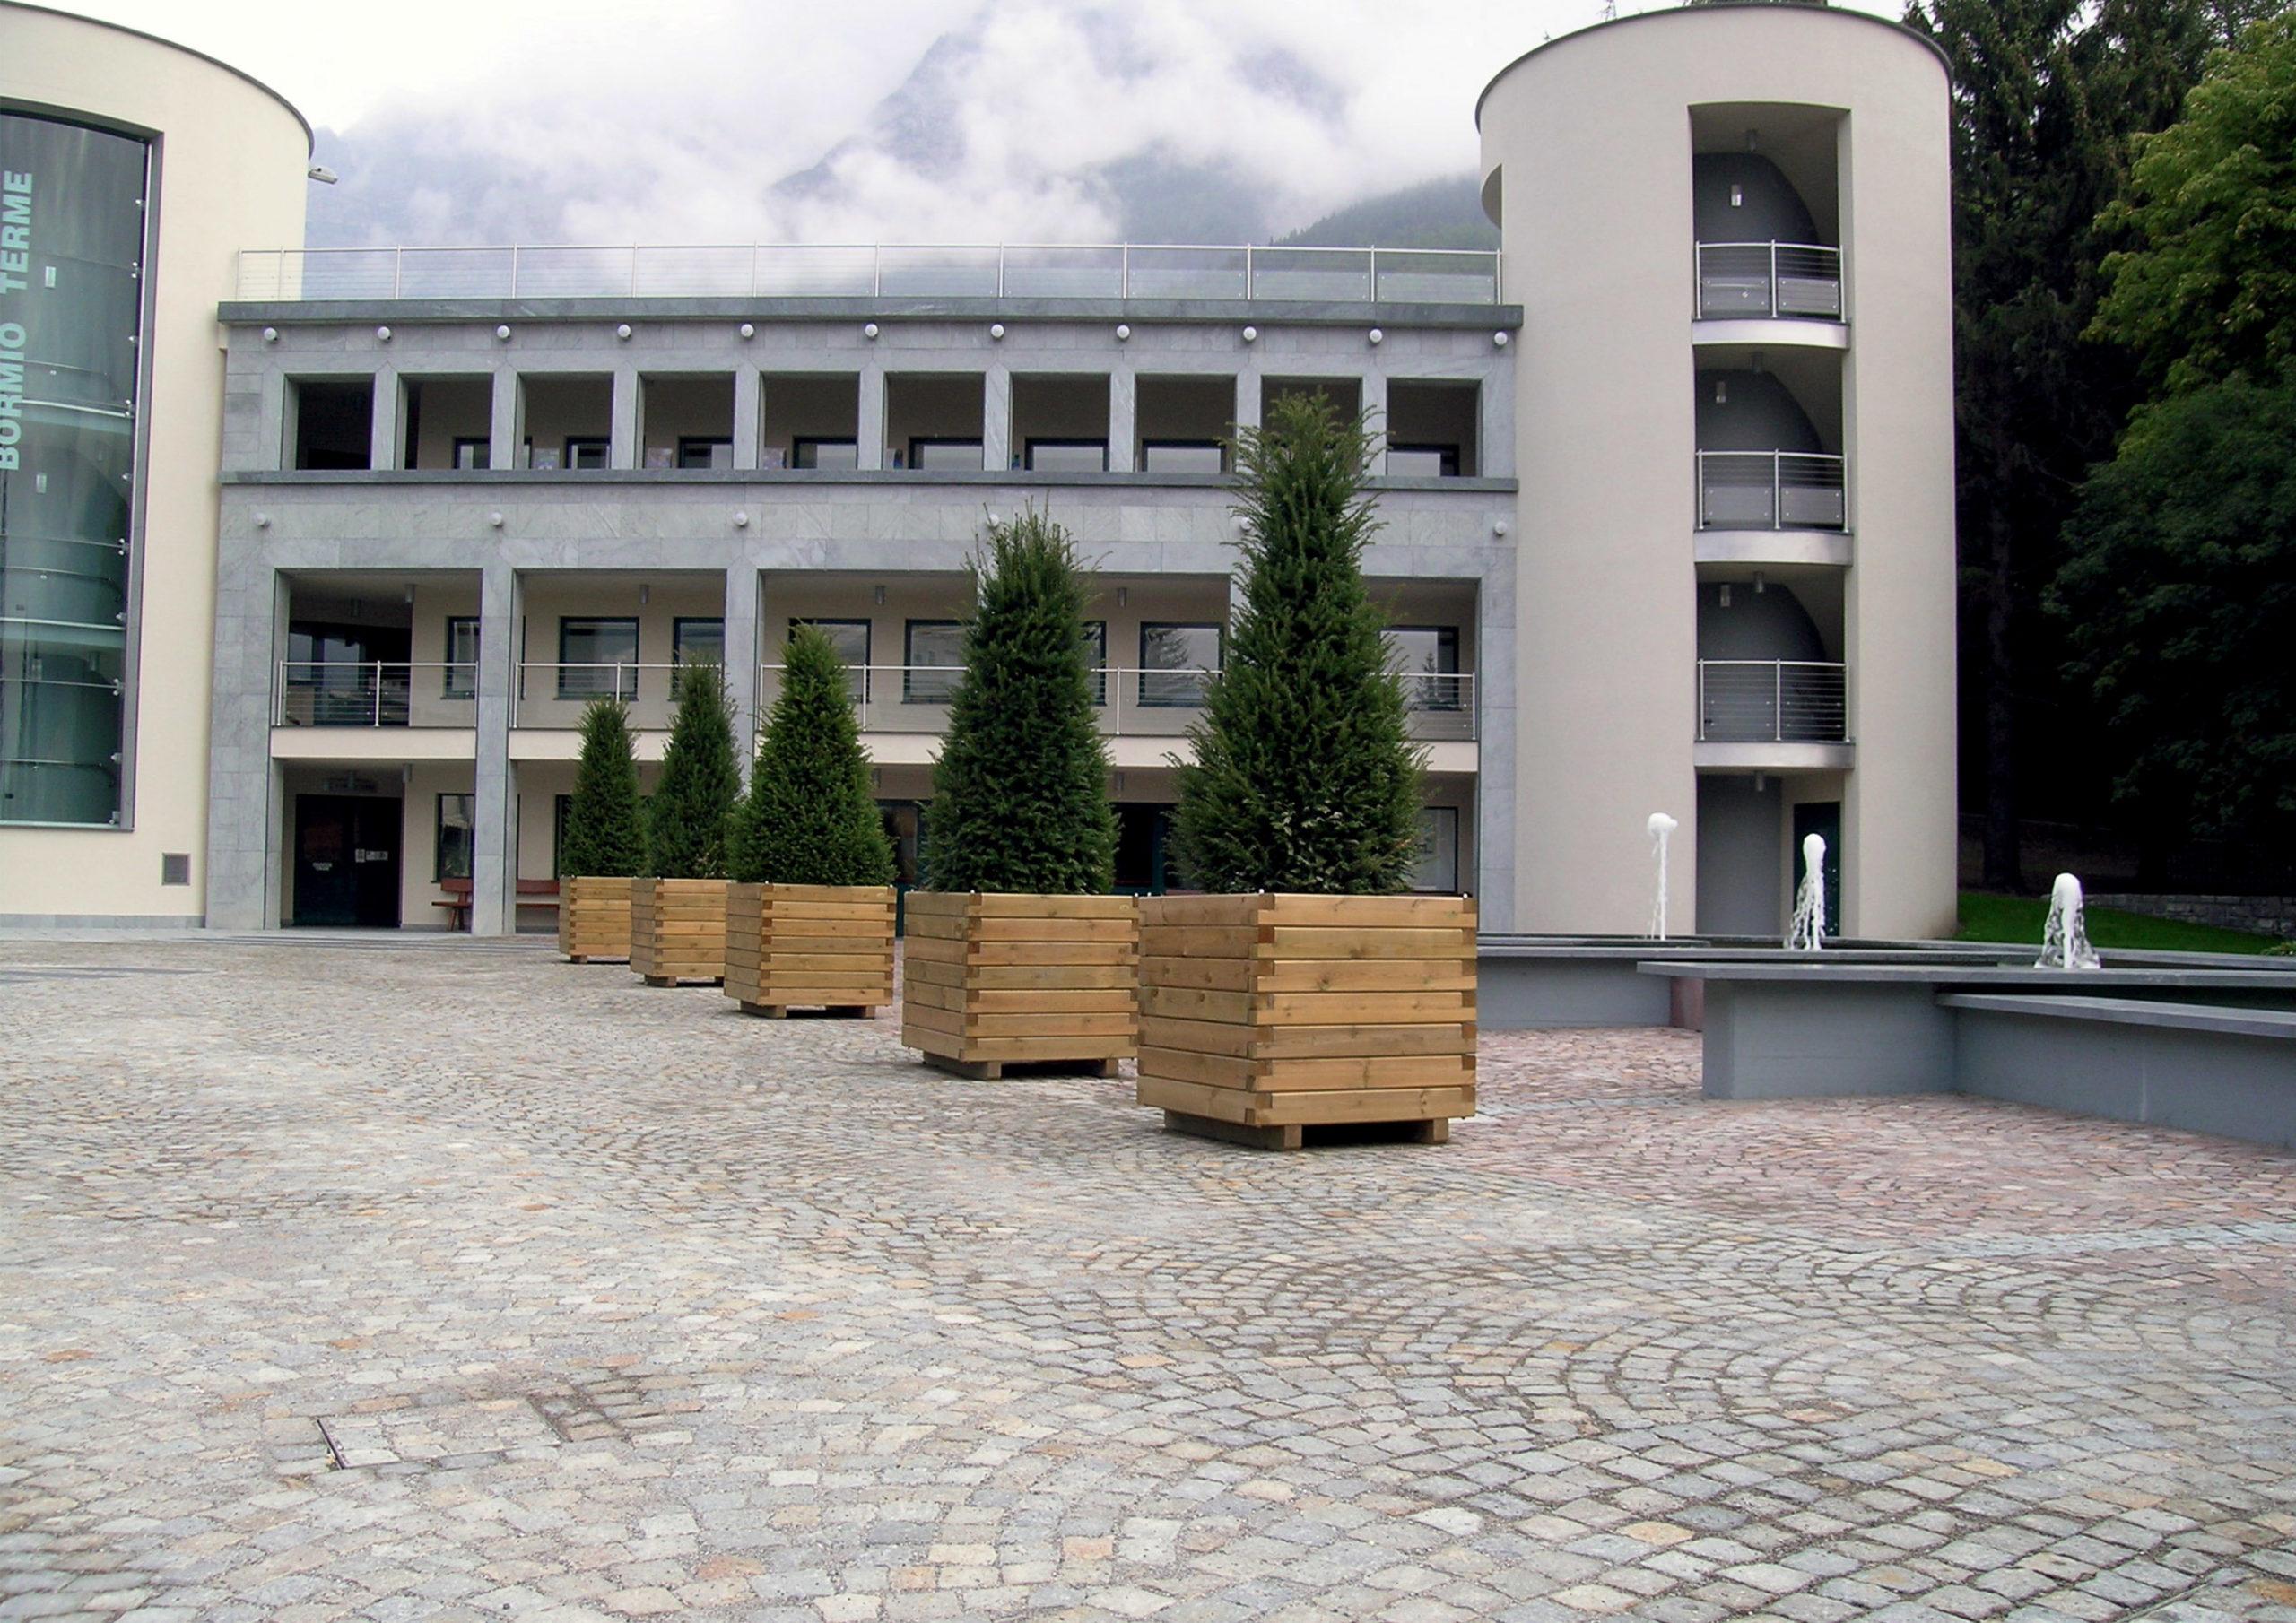 Fioriera in legno di pino nordico impregnato o larice realizzato da Linea Montanalegno - ILT